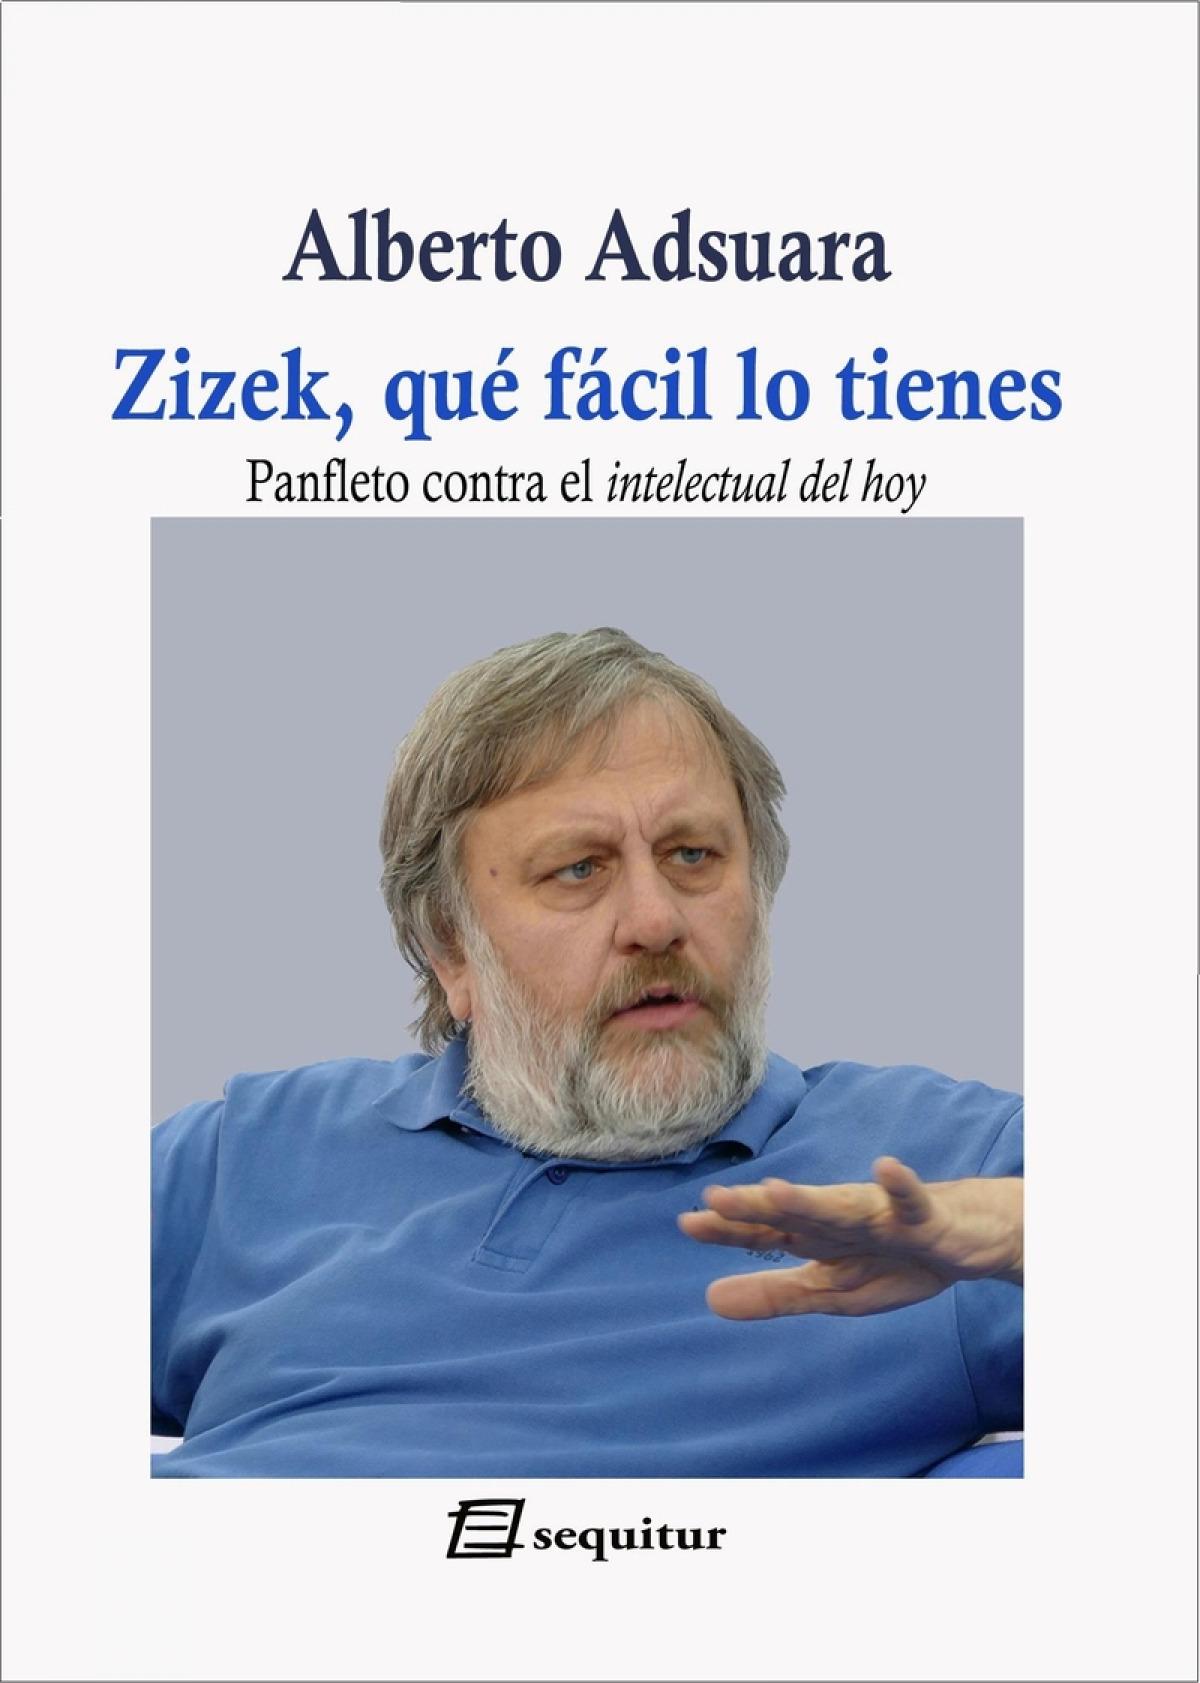 Zizek, qué fácil lo tienes